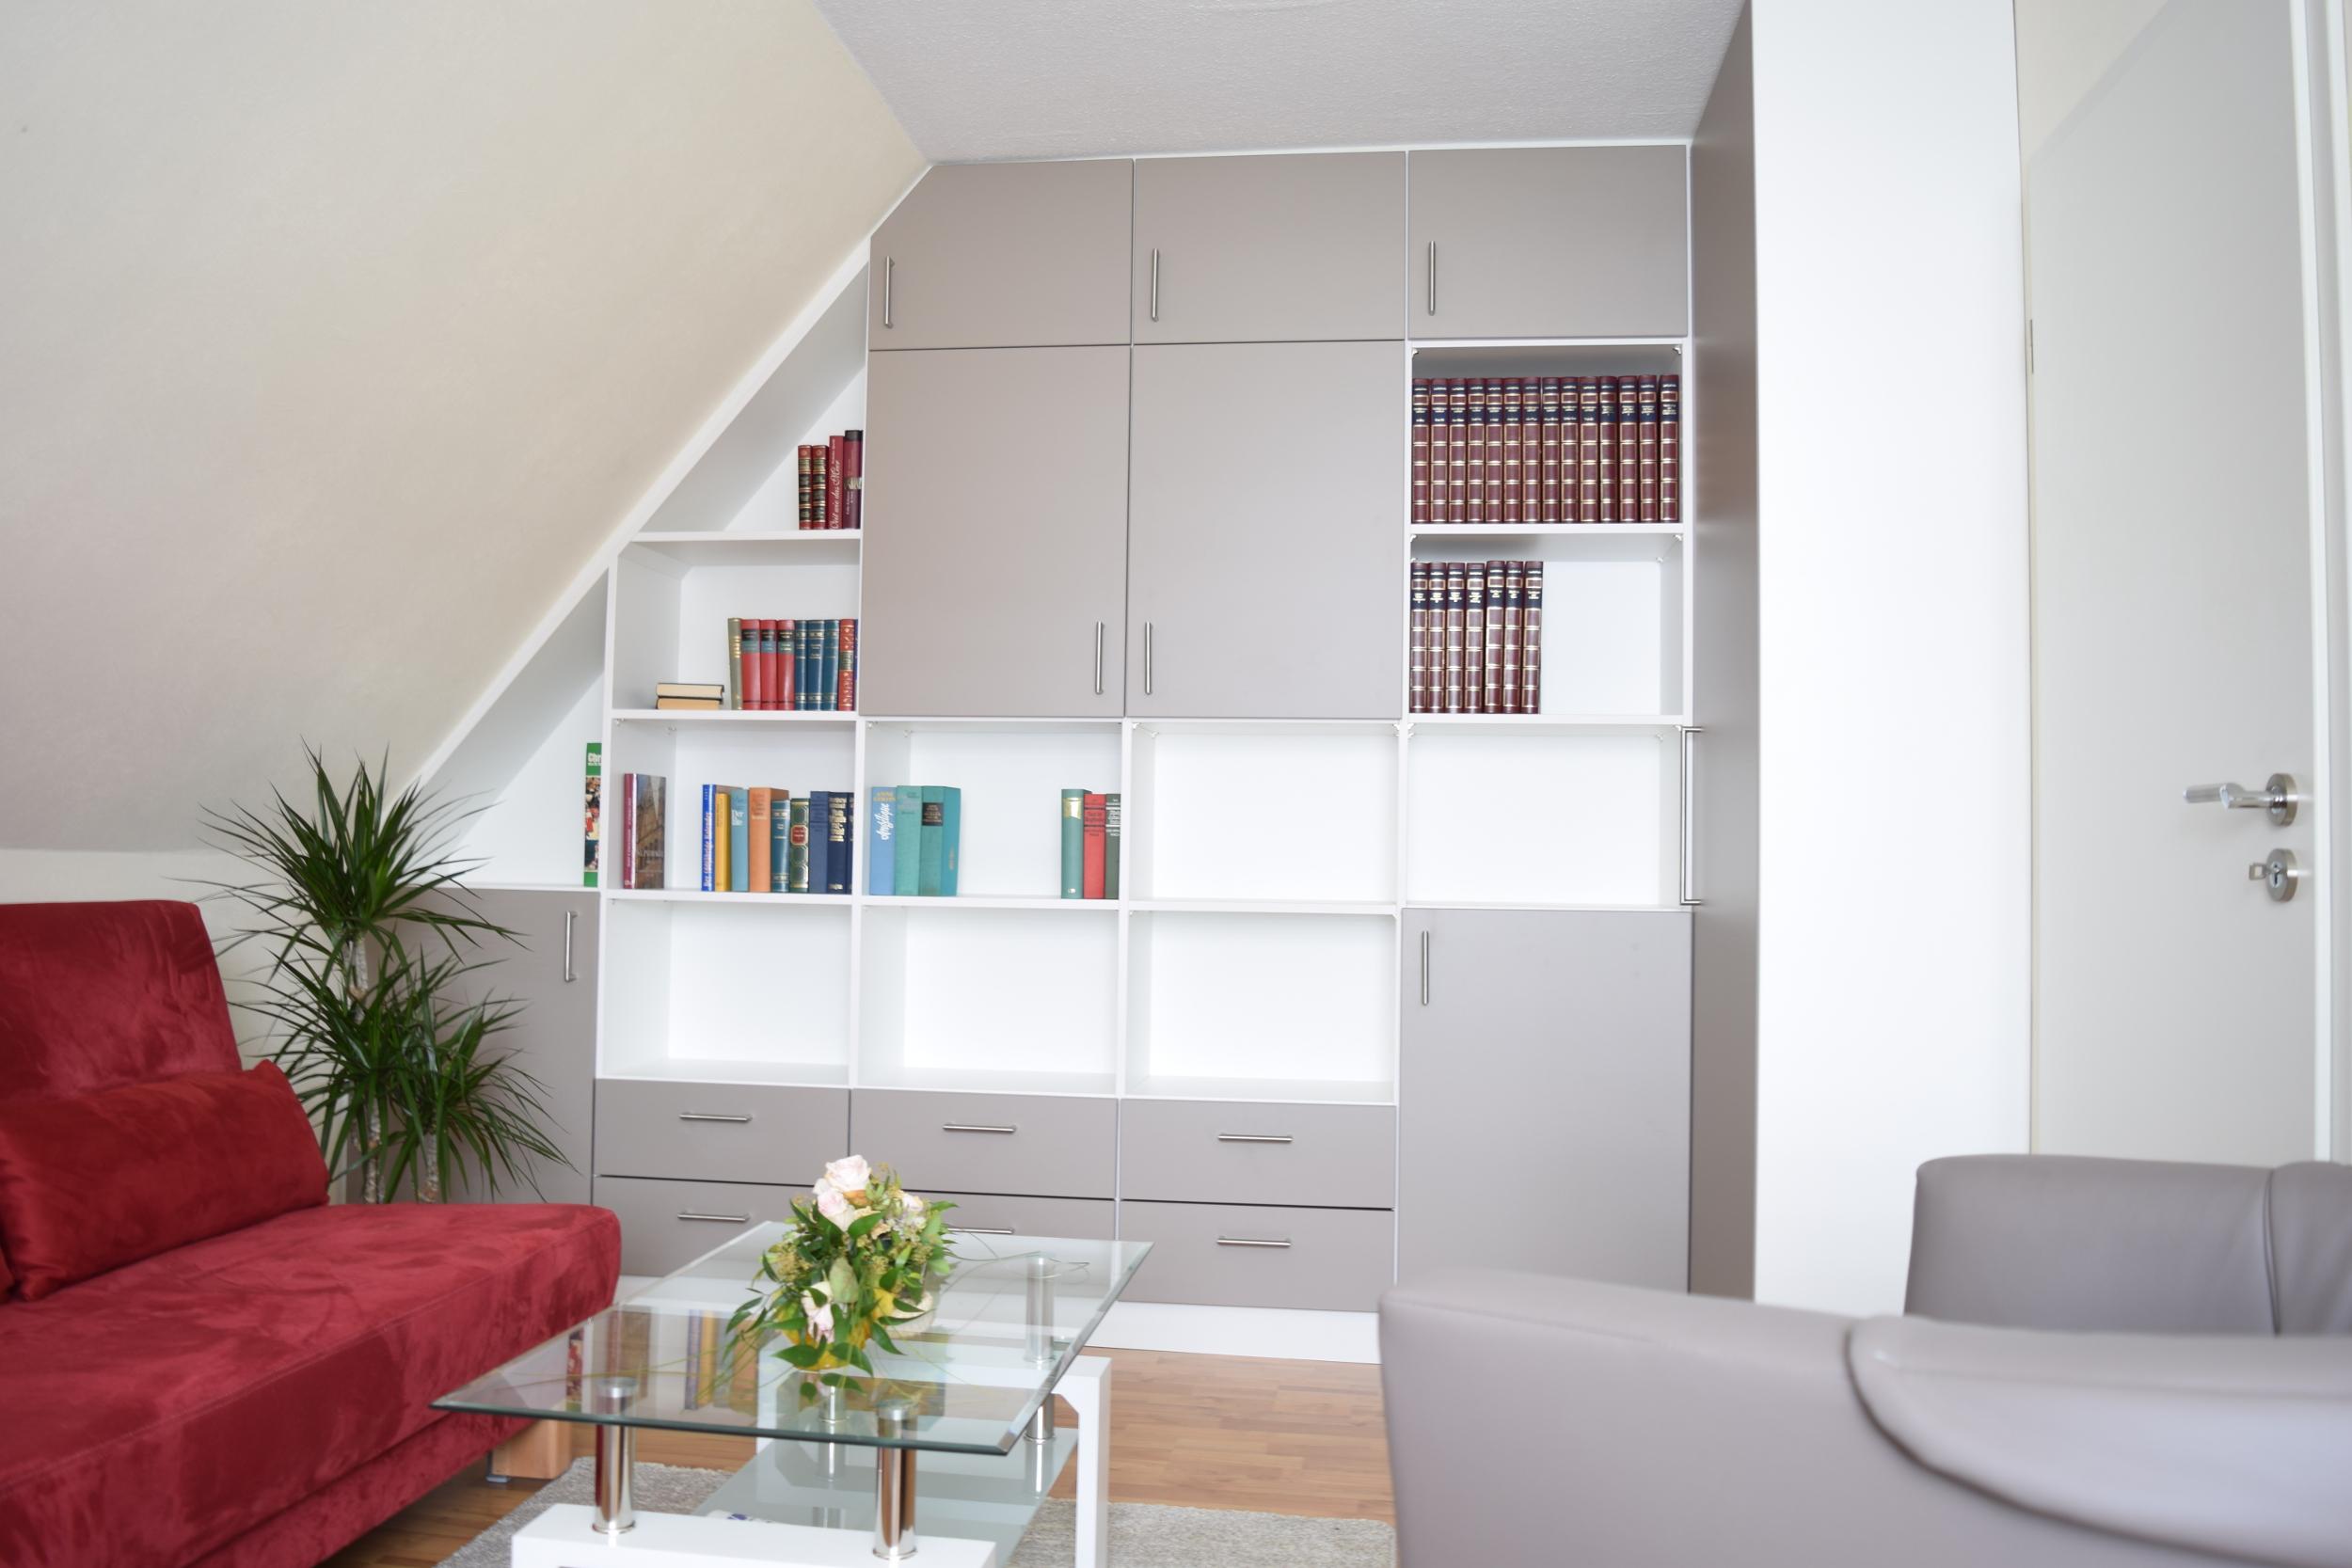 dachschr gen einbauschrank fuisting tischlerei soest. Black Bedroom Furniture Sets. Home Design Ideas